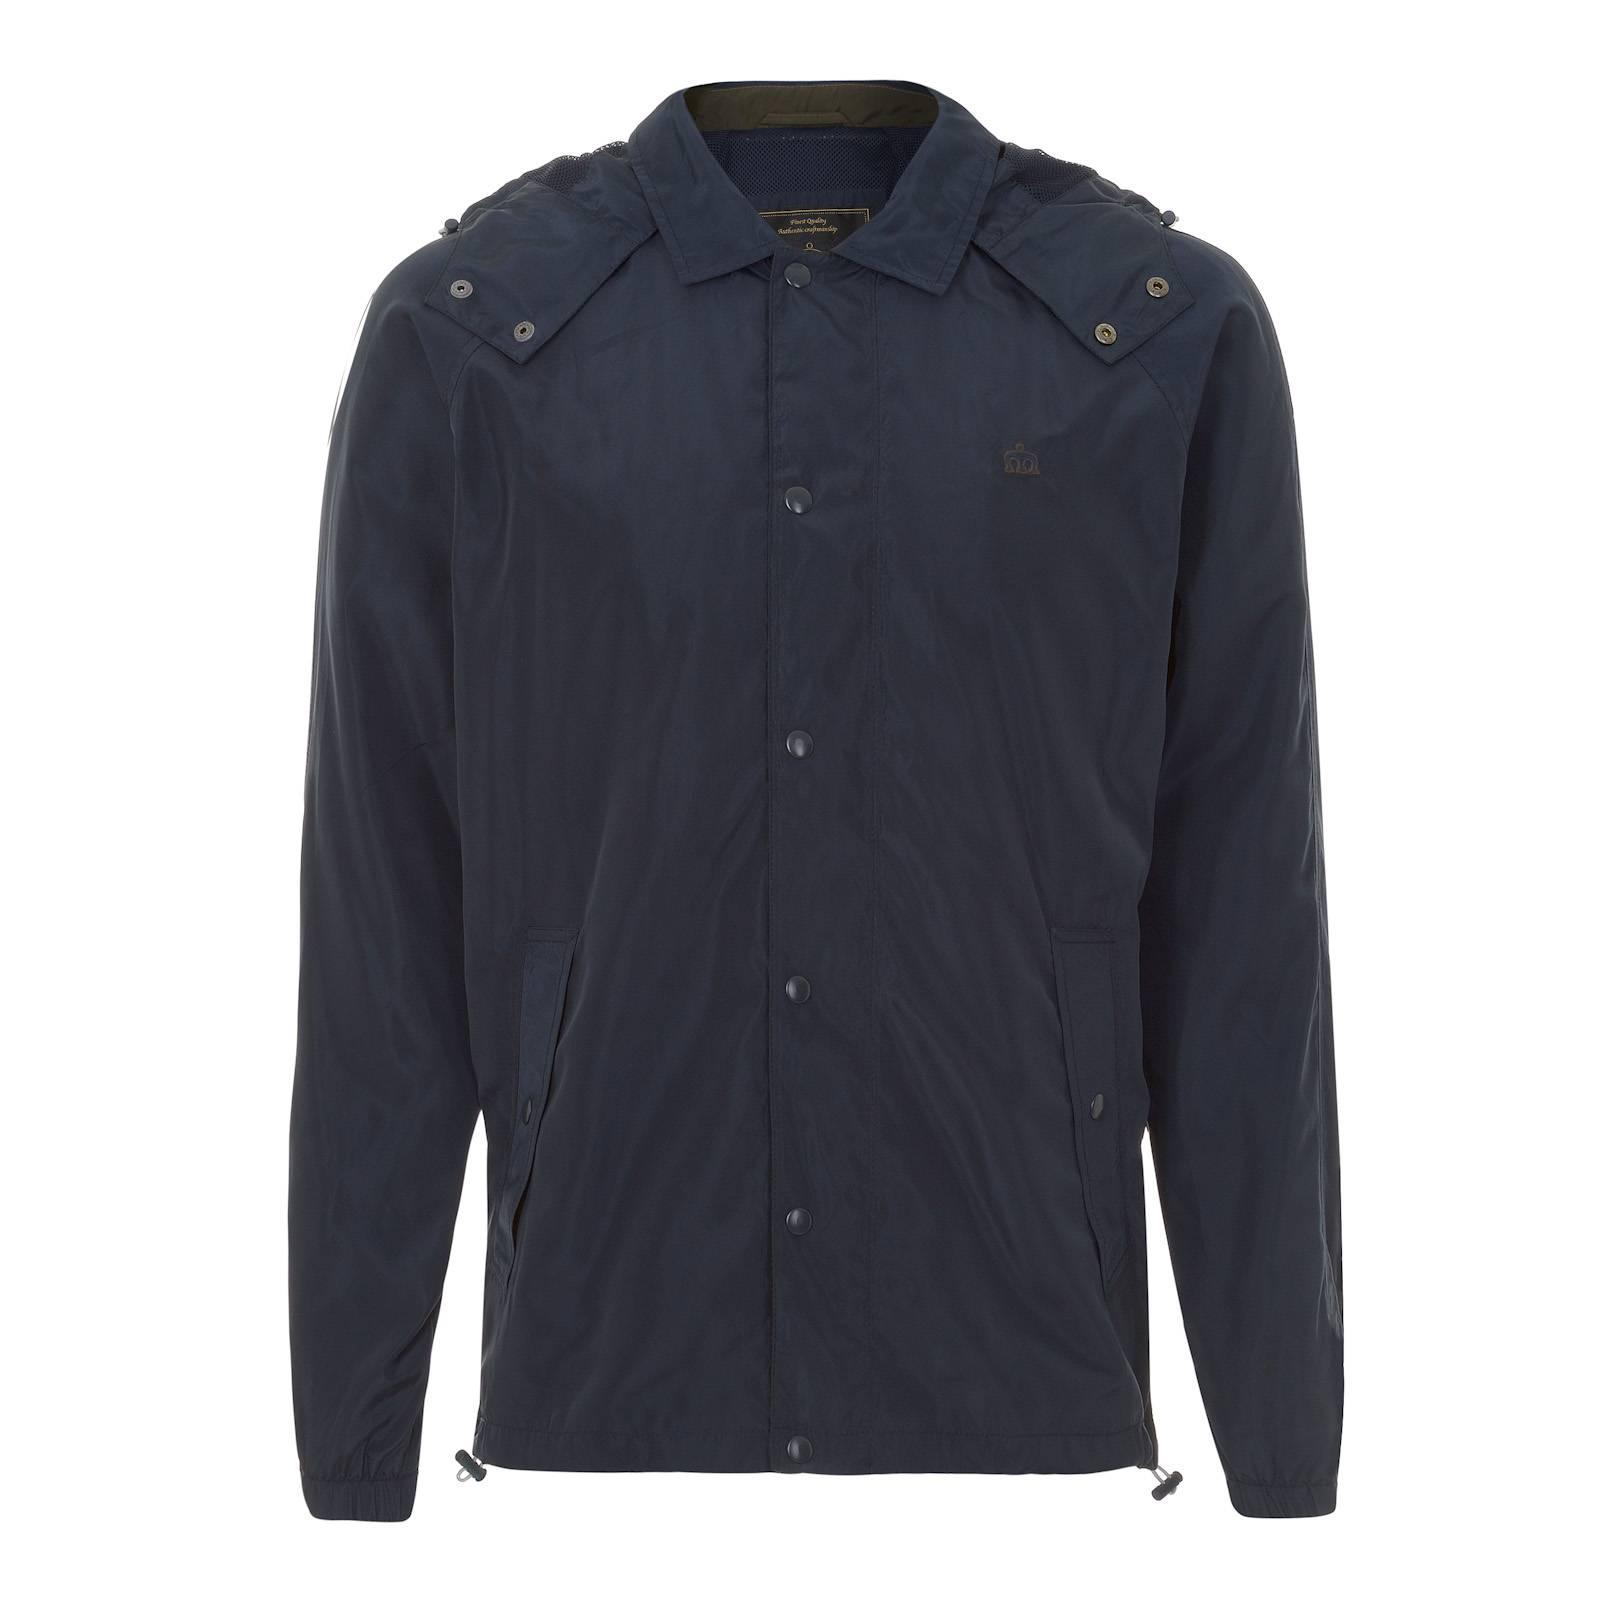 Куртка MontereyВерхняя одежда<br>Летняя мужская куртка с капюшоном – простое и универсальное решение для верхнего гардероба на весеннее-летний сезон. Застегивается на кнопки, имеет два прорезных внешних и один внутренний карманы. Капюшон затягивается  контрастным белым шнурок с  карабиновыми фиксаторами и закрывается на горле кнопочной застежкой,  защищающей от ветра и дождя. Дышащая сетчатая подкладка 100% полиэстер.<br><br>Артикул: 1115101<br>Материал: 100% нейлон<br>Цвет: синий<br>Пол: Мужской